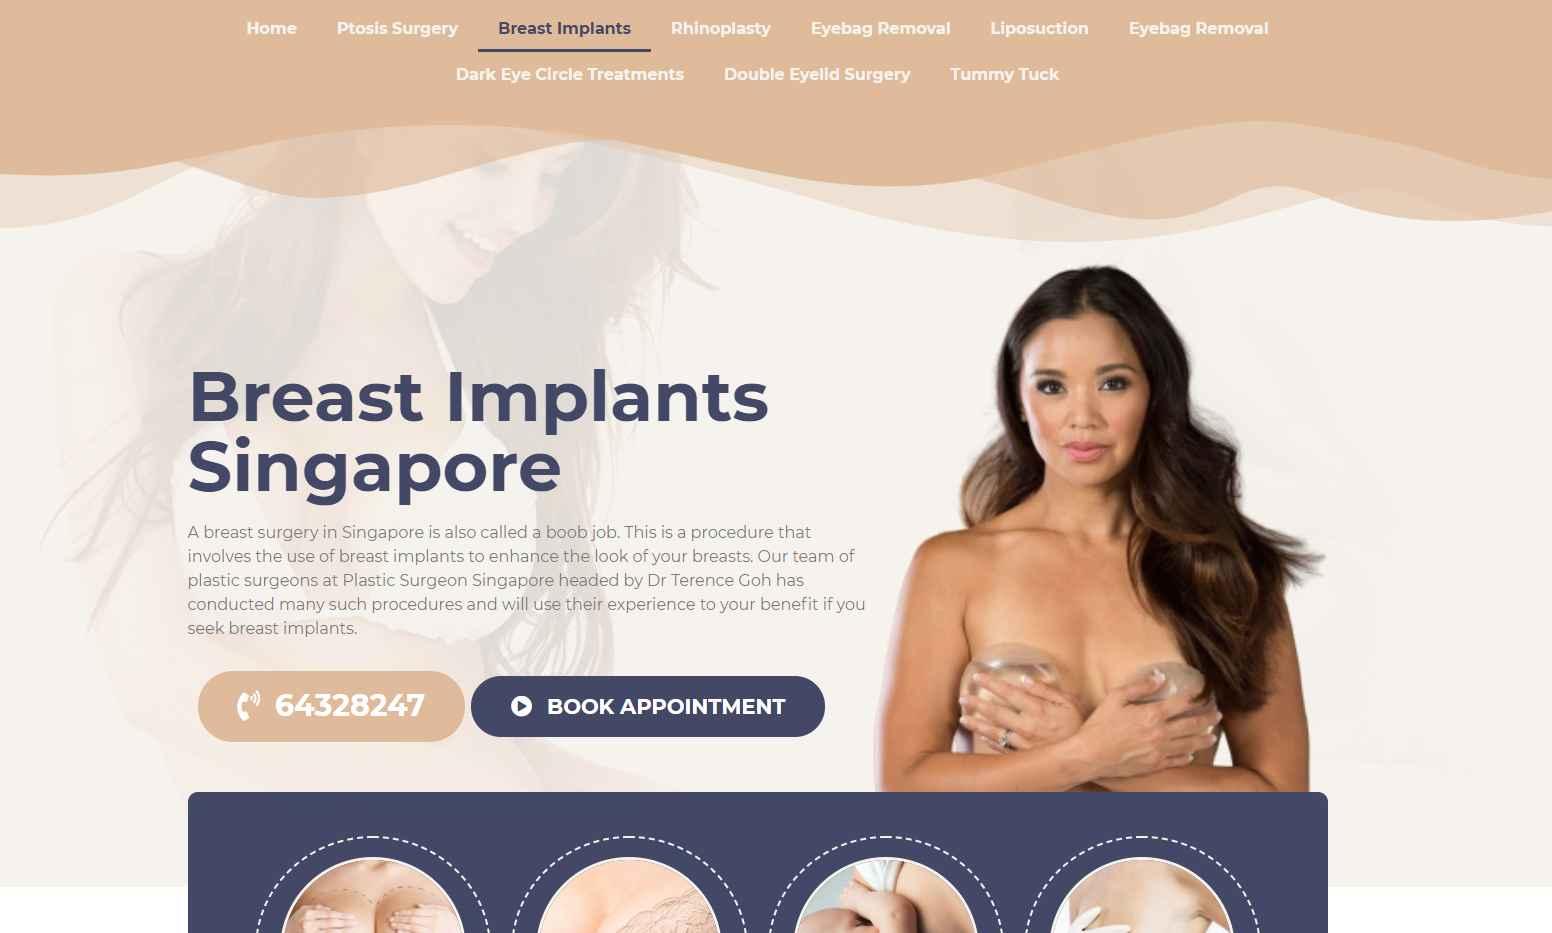 plastic surgeon singapore Top Breast Implant Clinics in Singapore